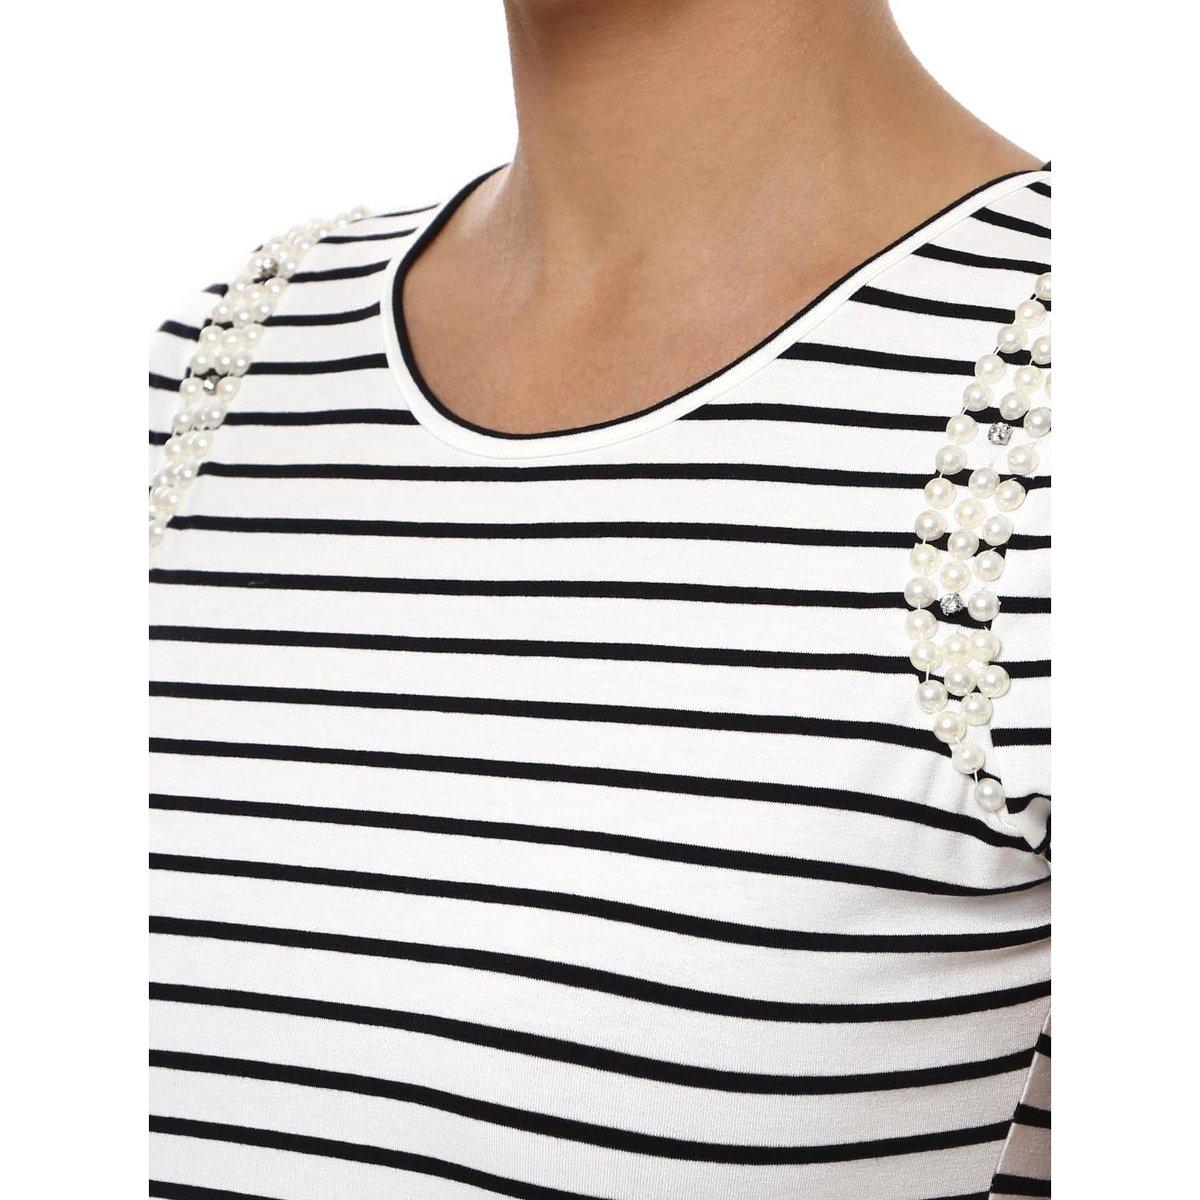 4cb075b318 Vestido Curto Feminino Autentique Branco - Compre Agora